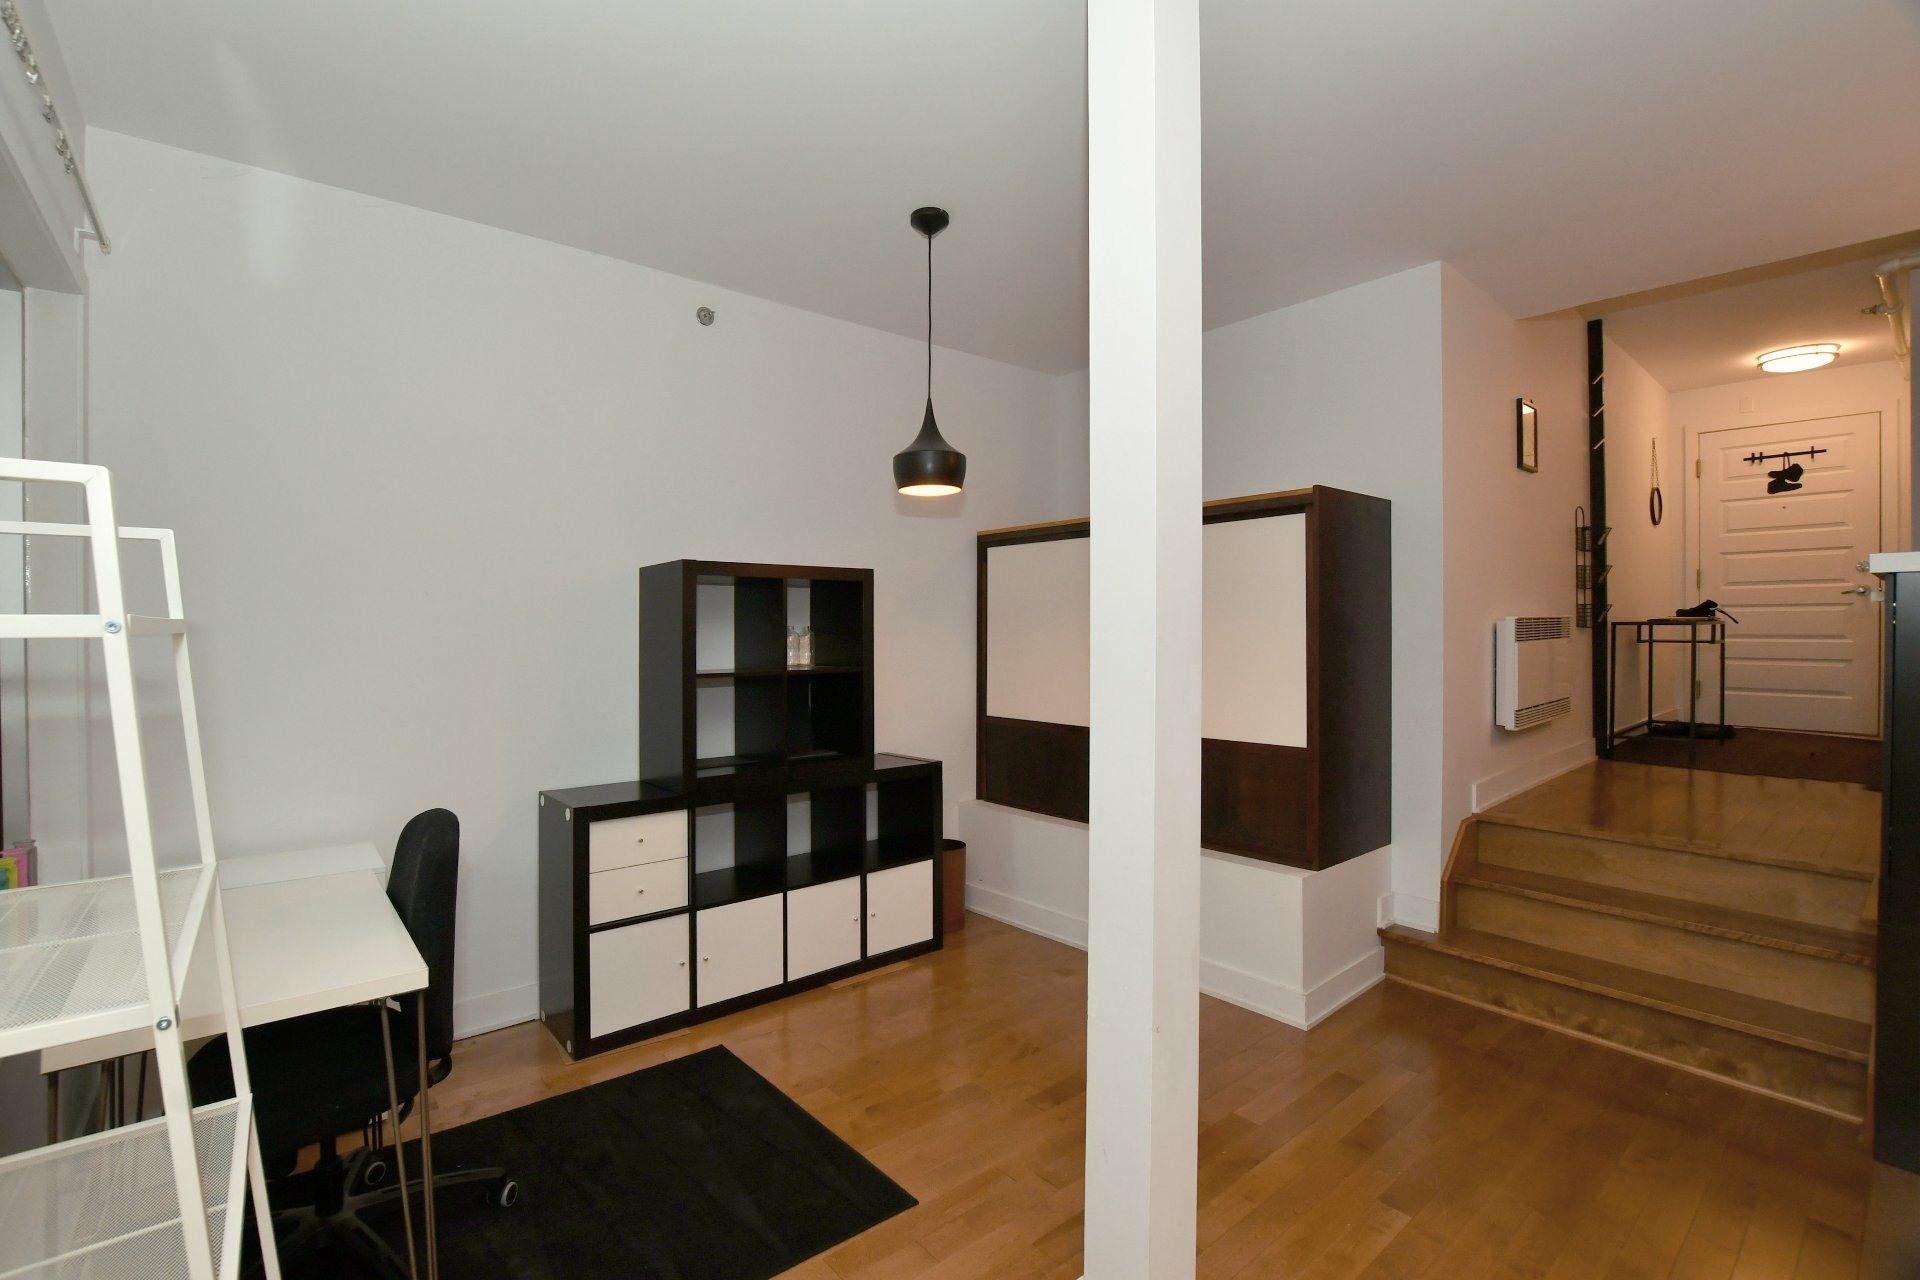 image 4 - Appartement À louer Le Plateau-Mont-Royal Montréal  - 4 pièces